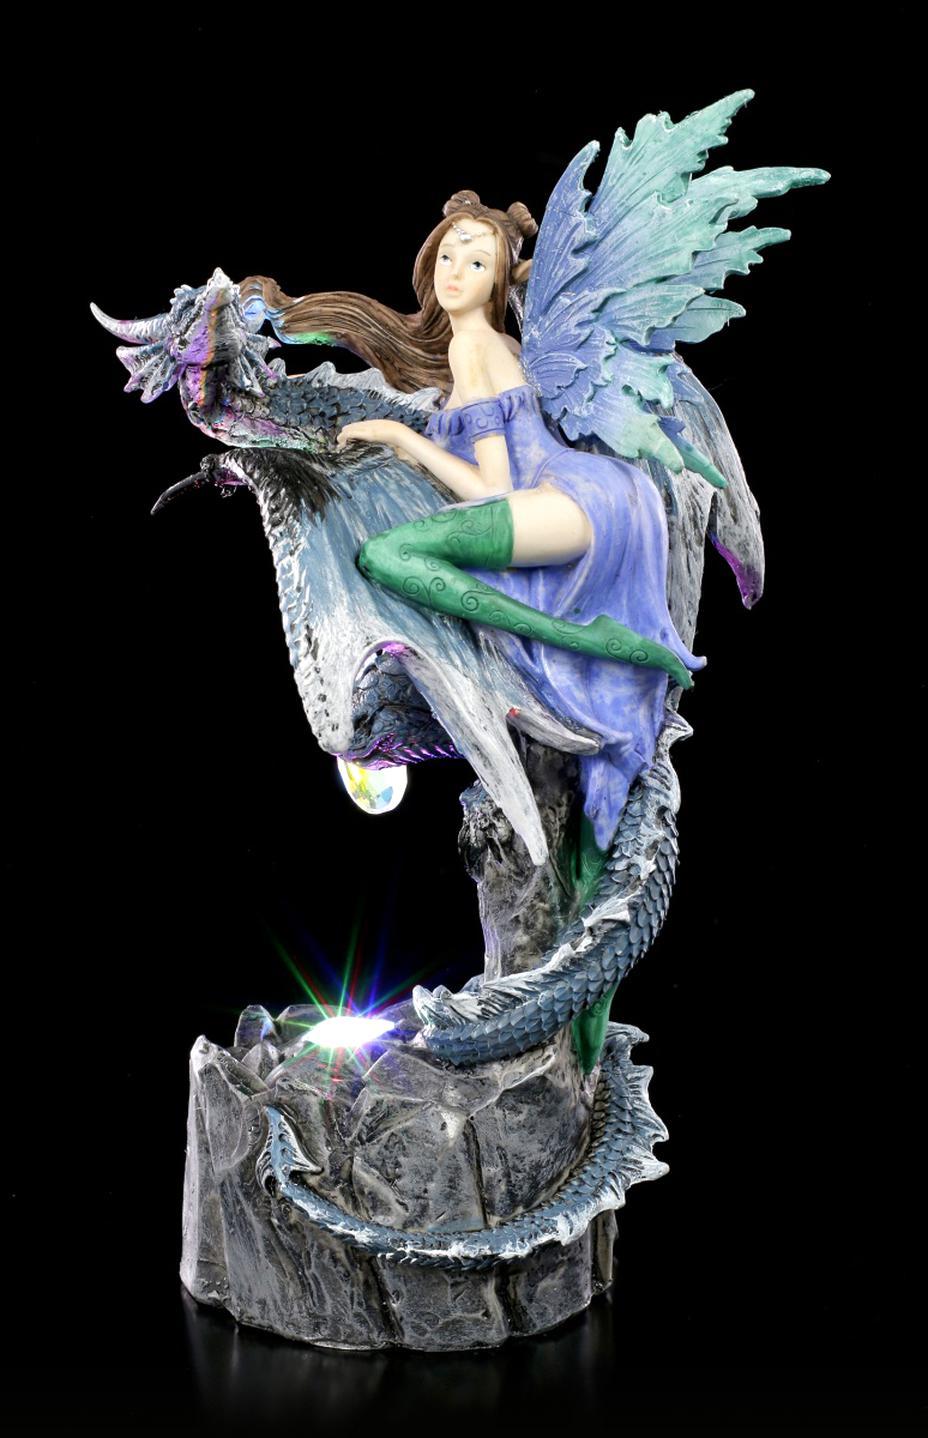 Drachen Figur Drache mit großem leuchtenden Drachenauge LED Drachenlampe